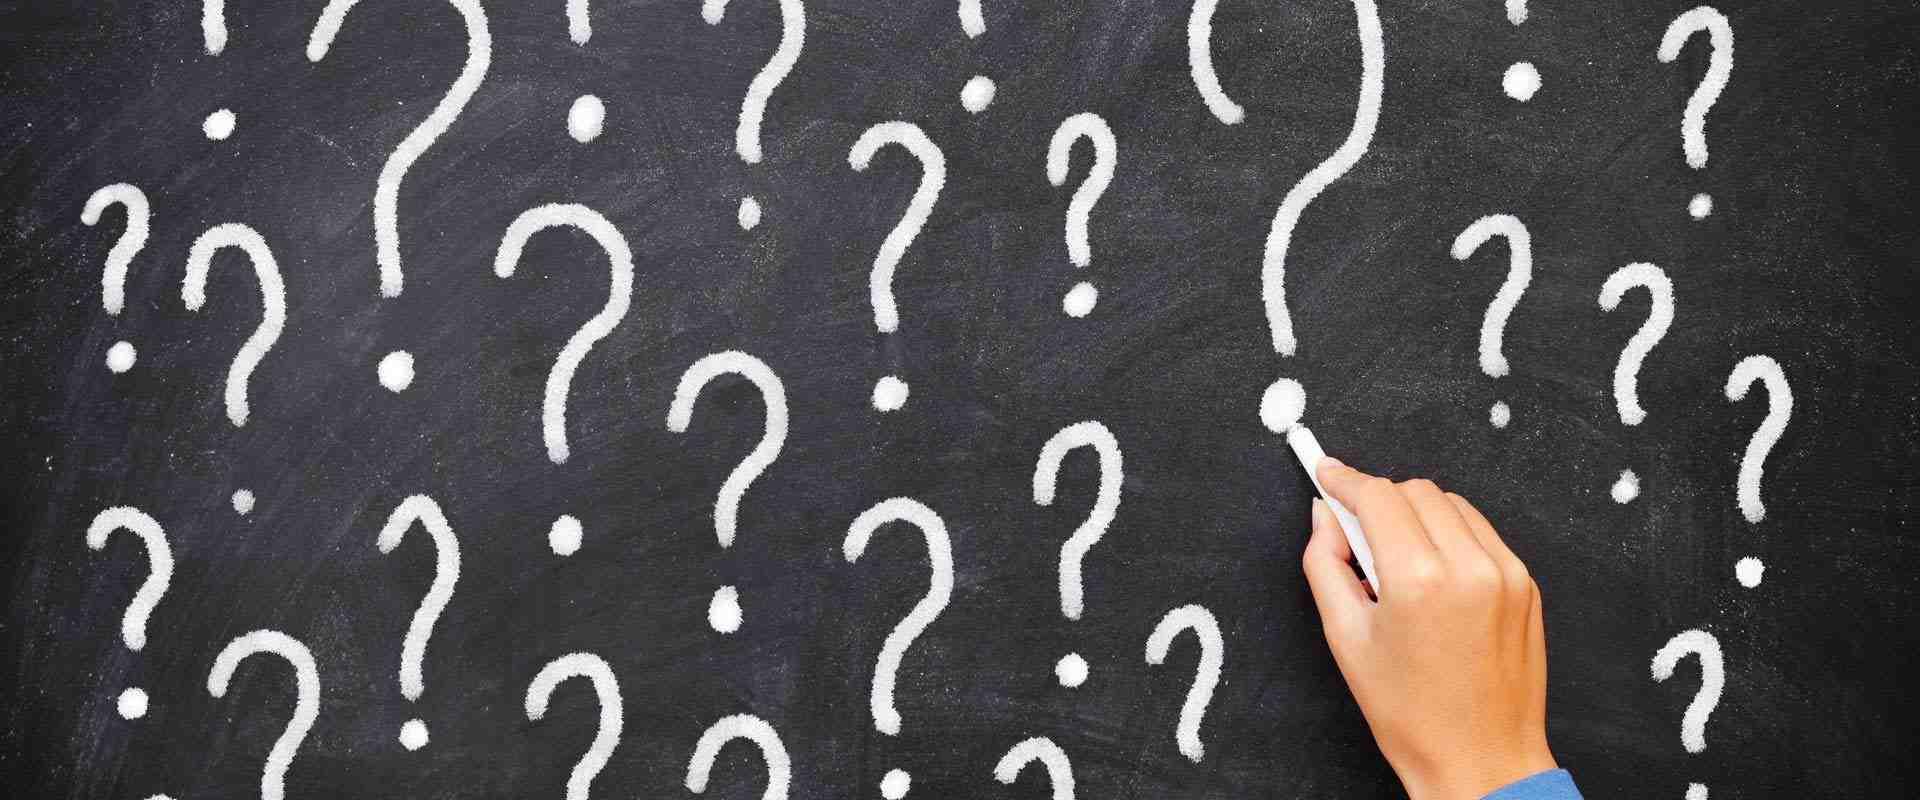 Comment évaluer l'hébergement gratuit dans une propriété?